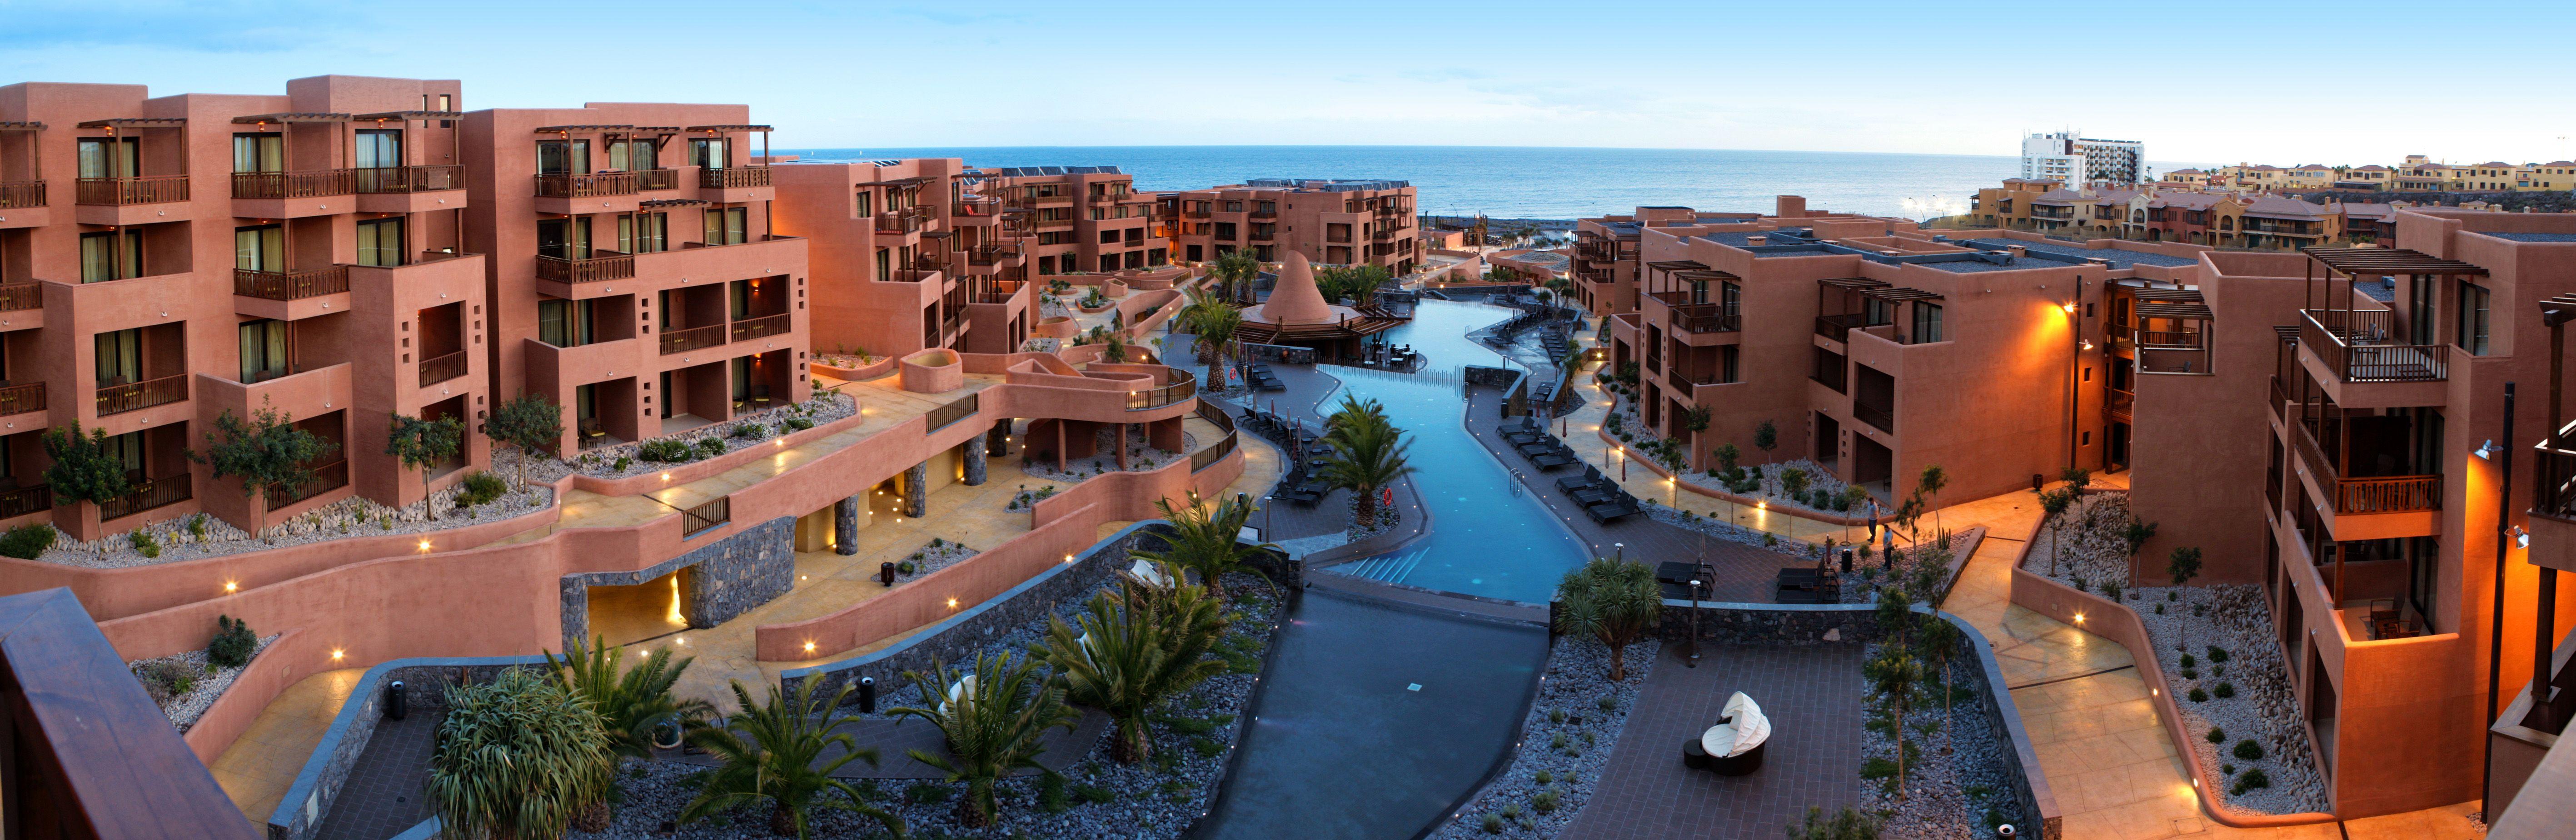 Sandos San Blas Hotel Miguel5 Star